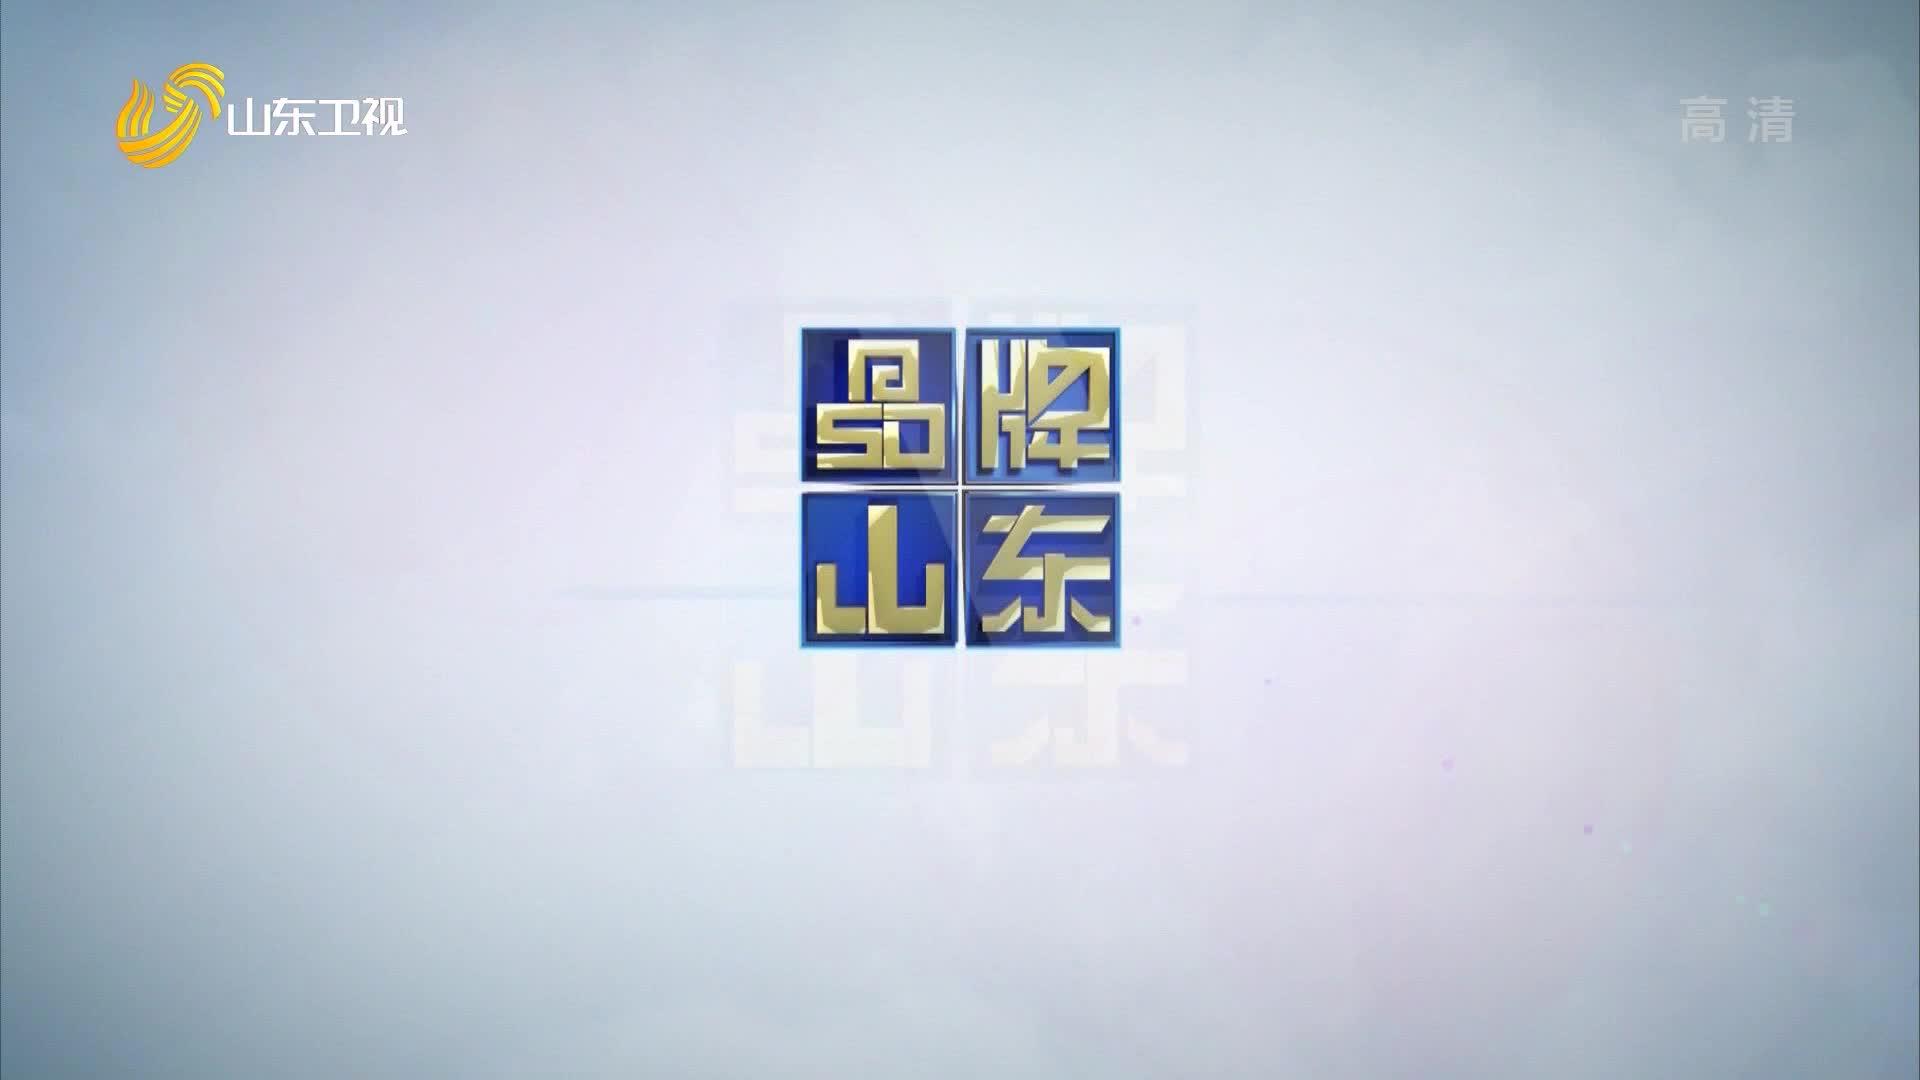 2021年01月31日《品牌山东》完整版